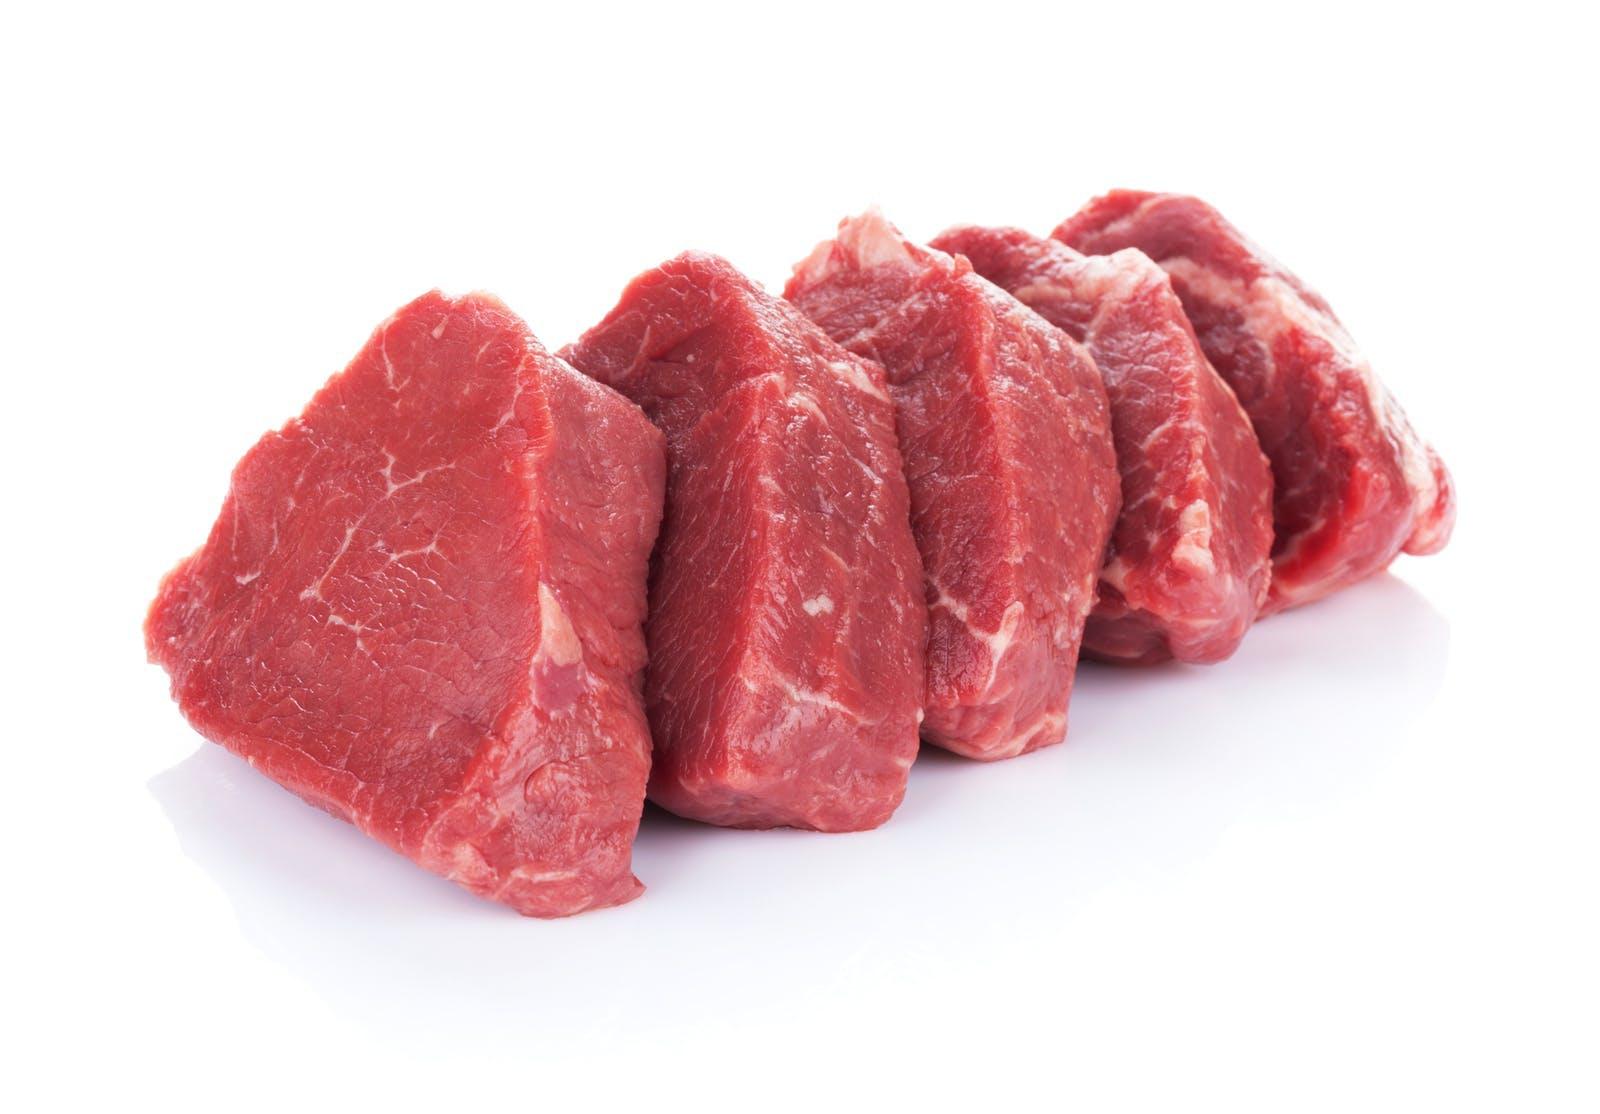 Kan man bli av med vissa sjukdomar genom att bara äta kött?